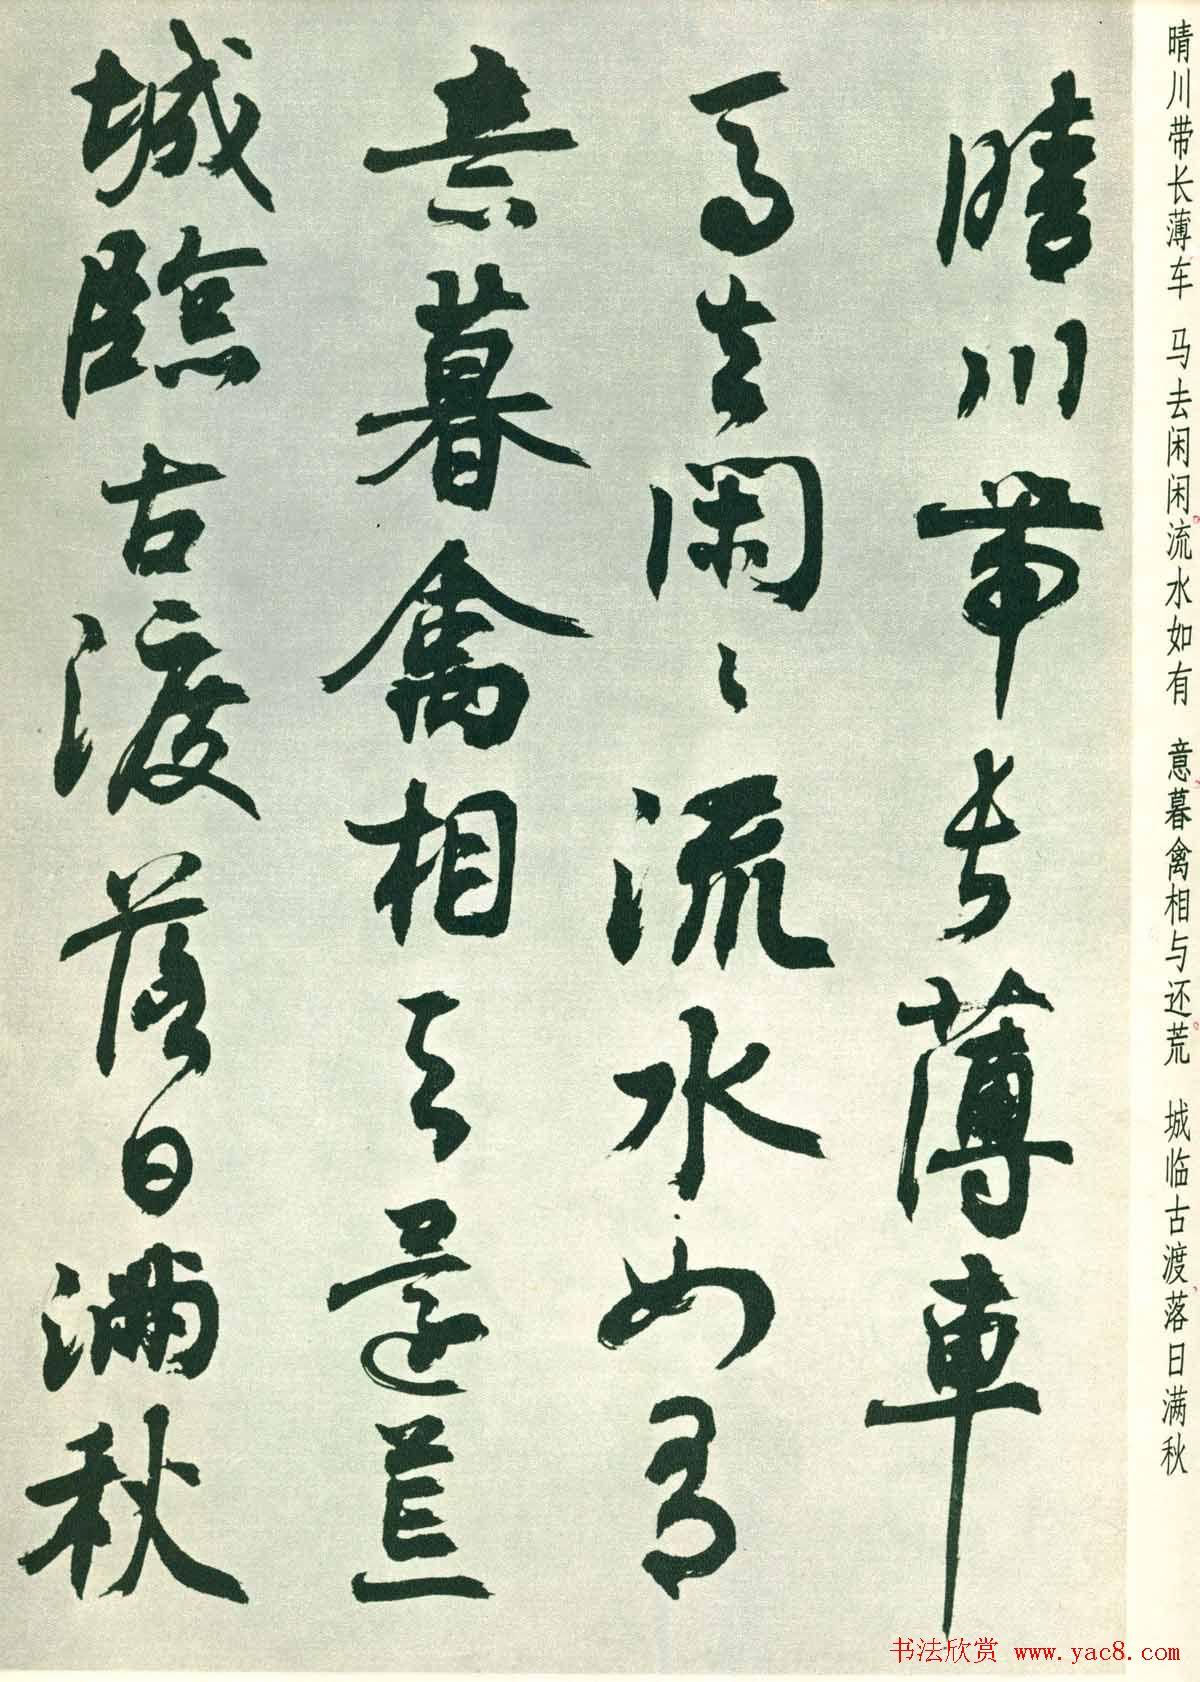 潘伯鹰行草墨迹欣赏《书王维五律八首》